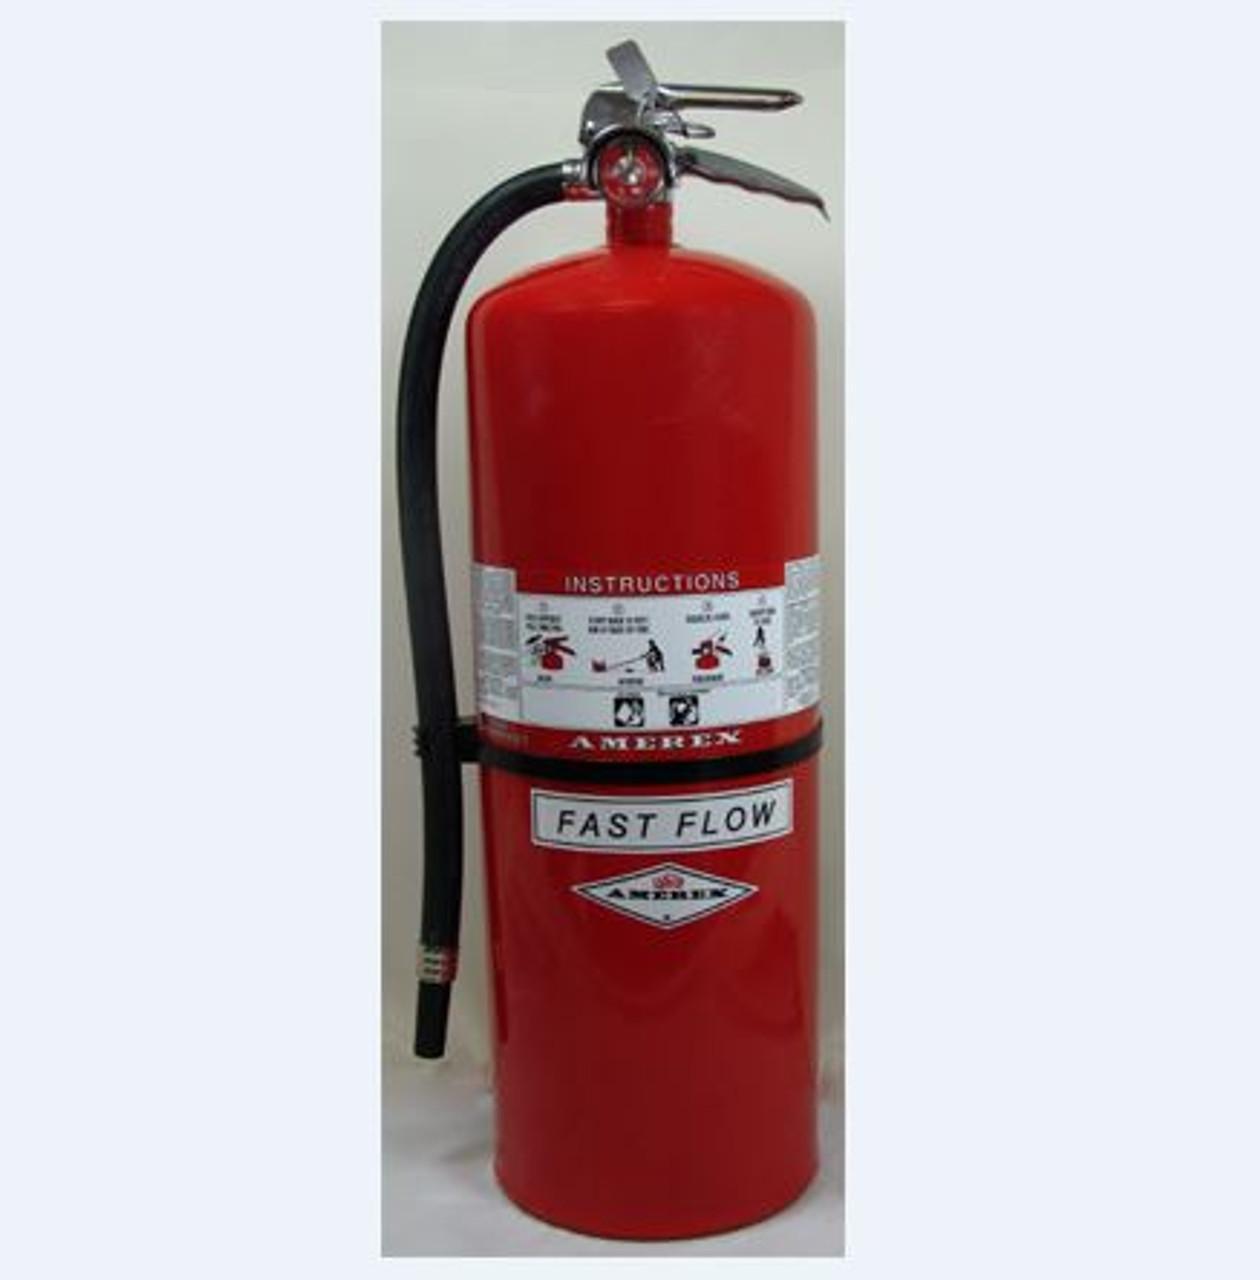 Amerex 568 - 30 lb Regular Fast Flow Fire Extinguisher